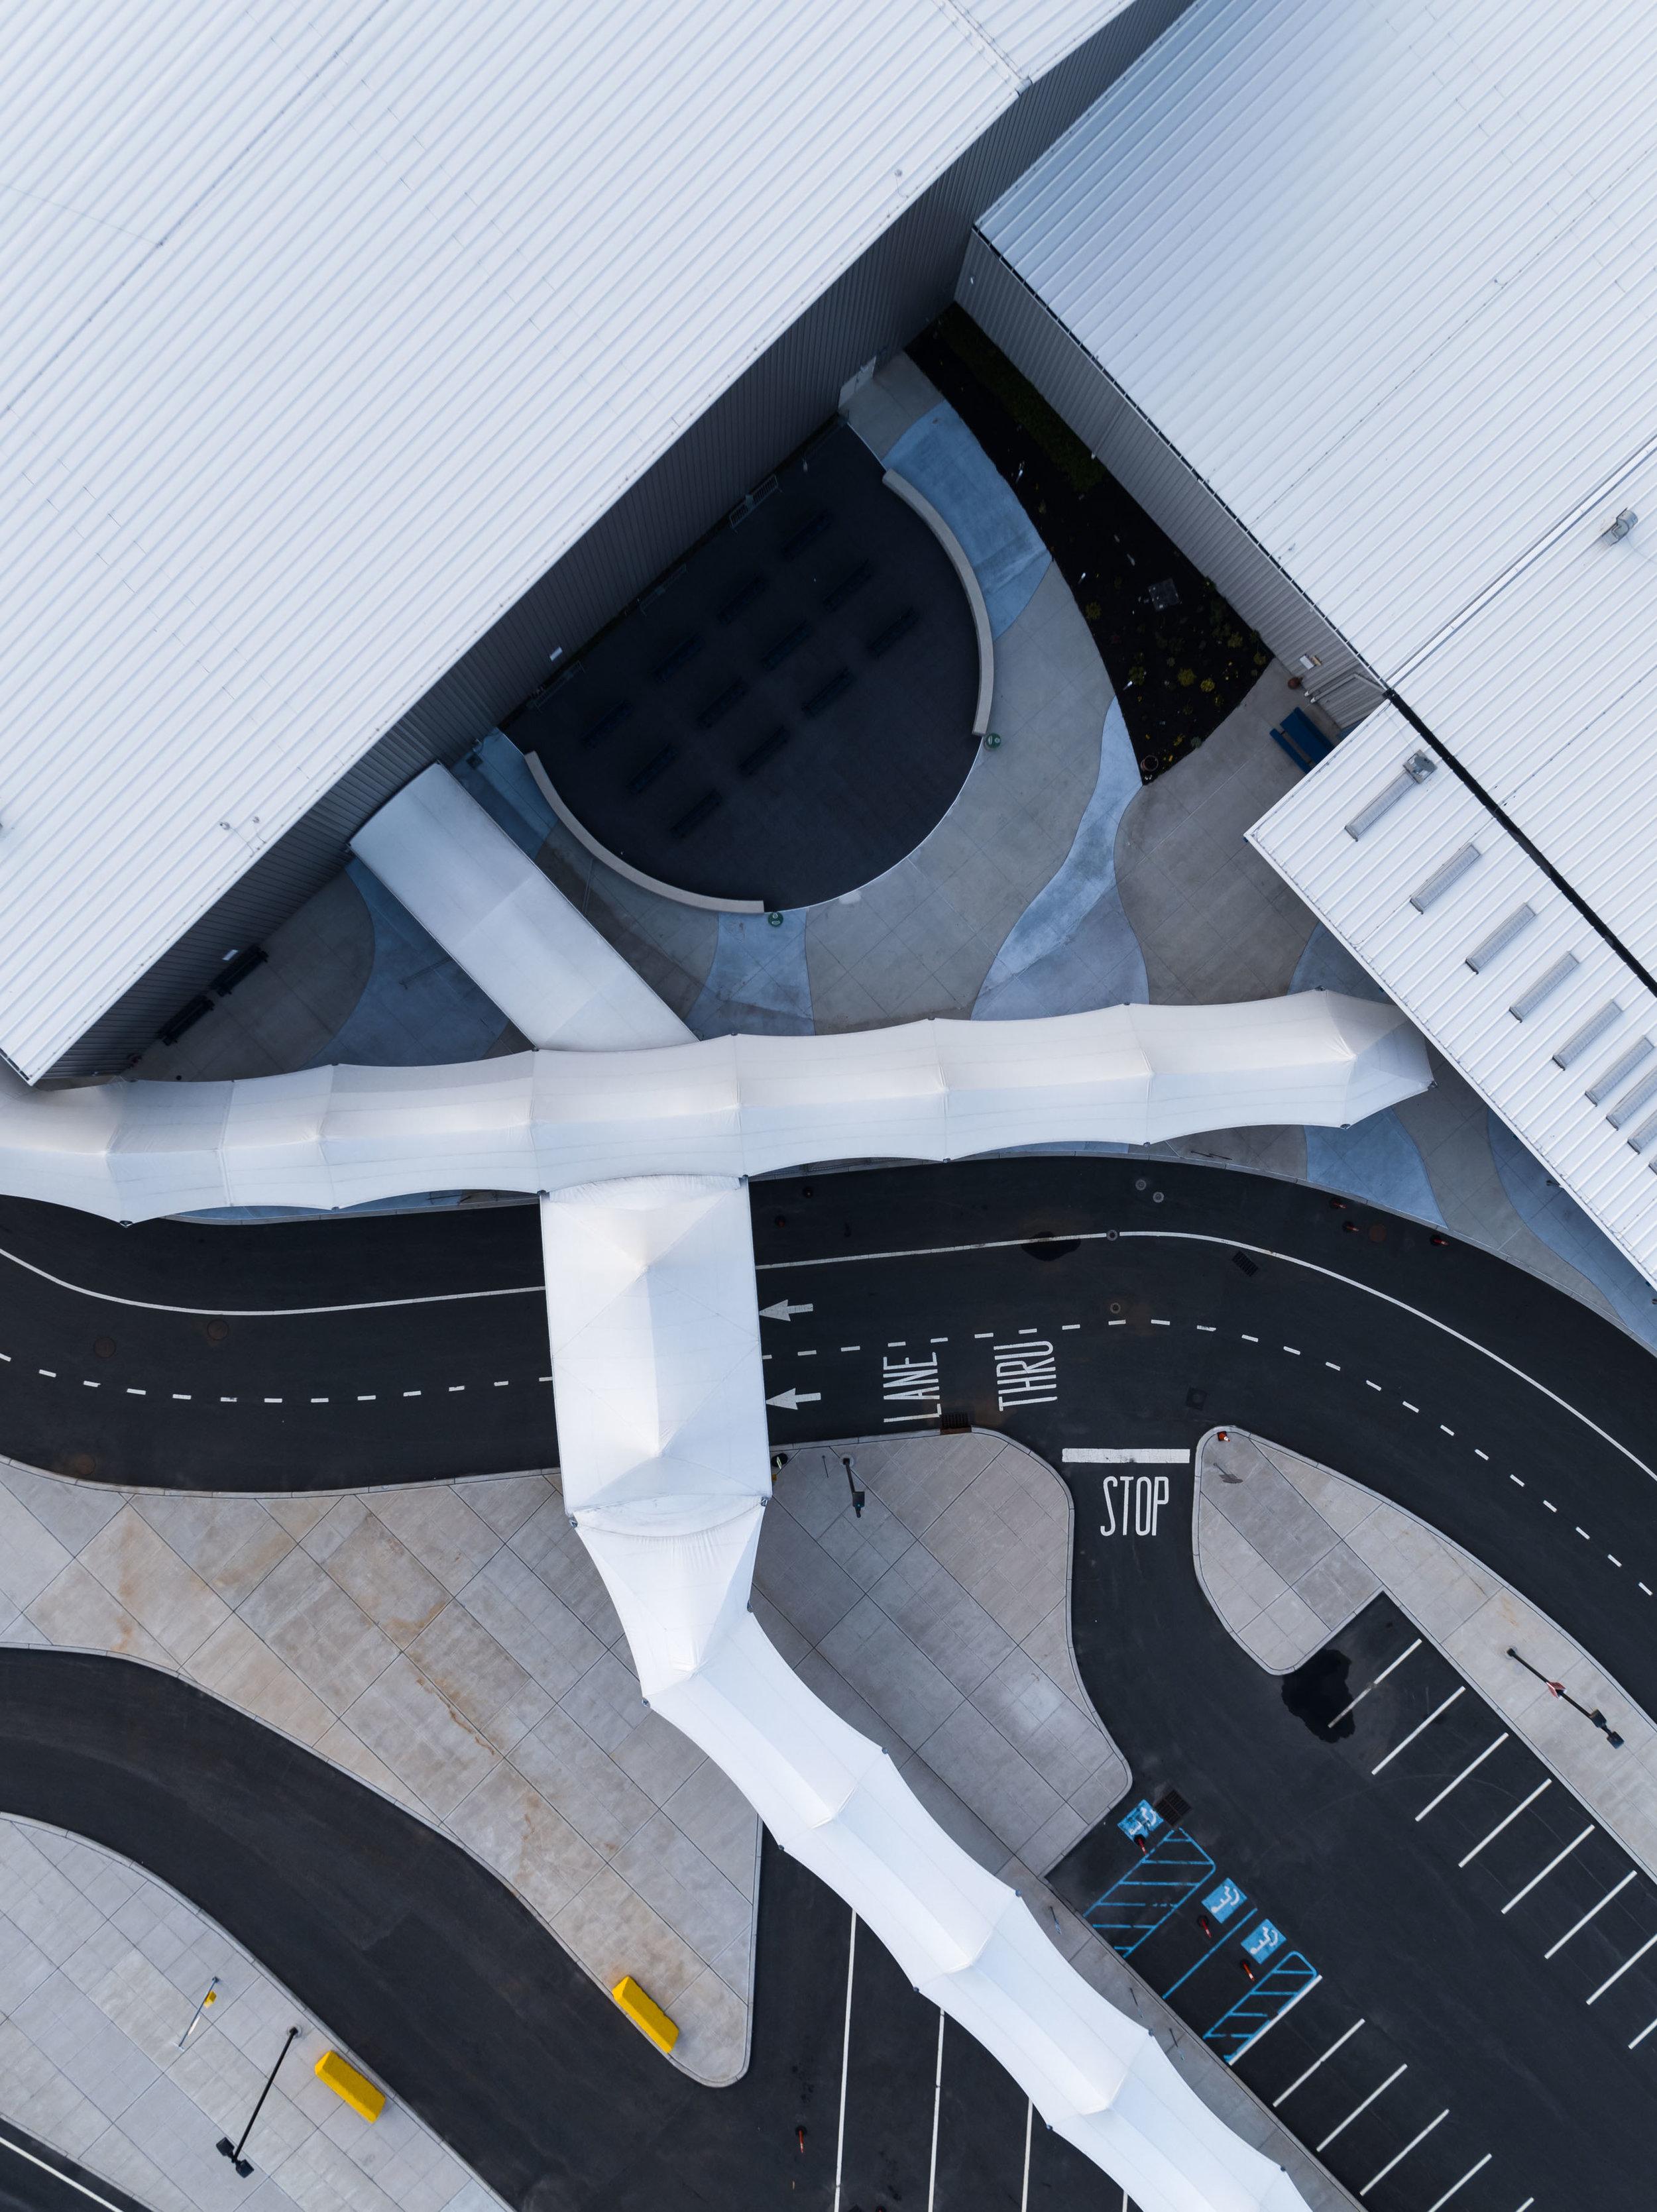 AerialArchitecture_typoland_Aerial.jpg